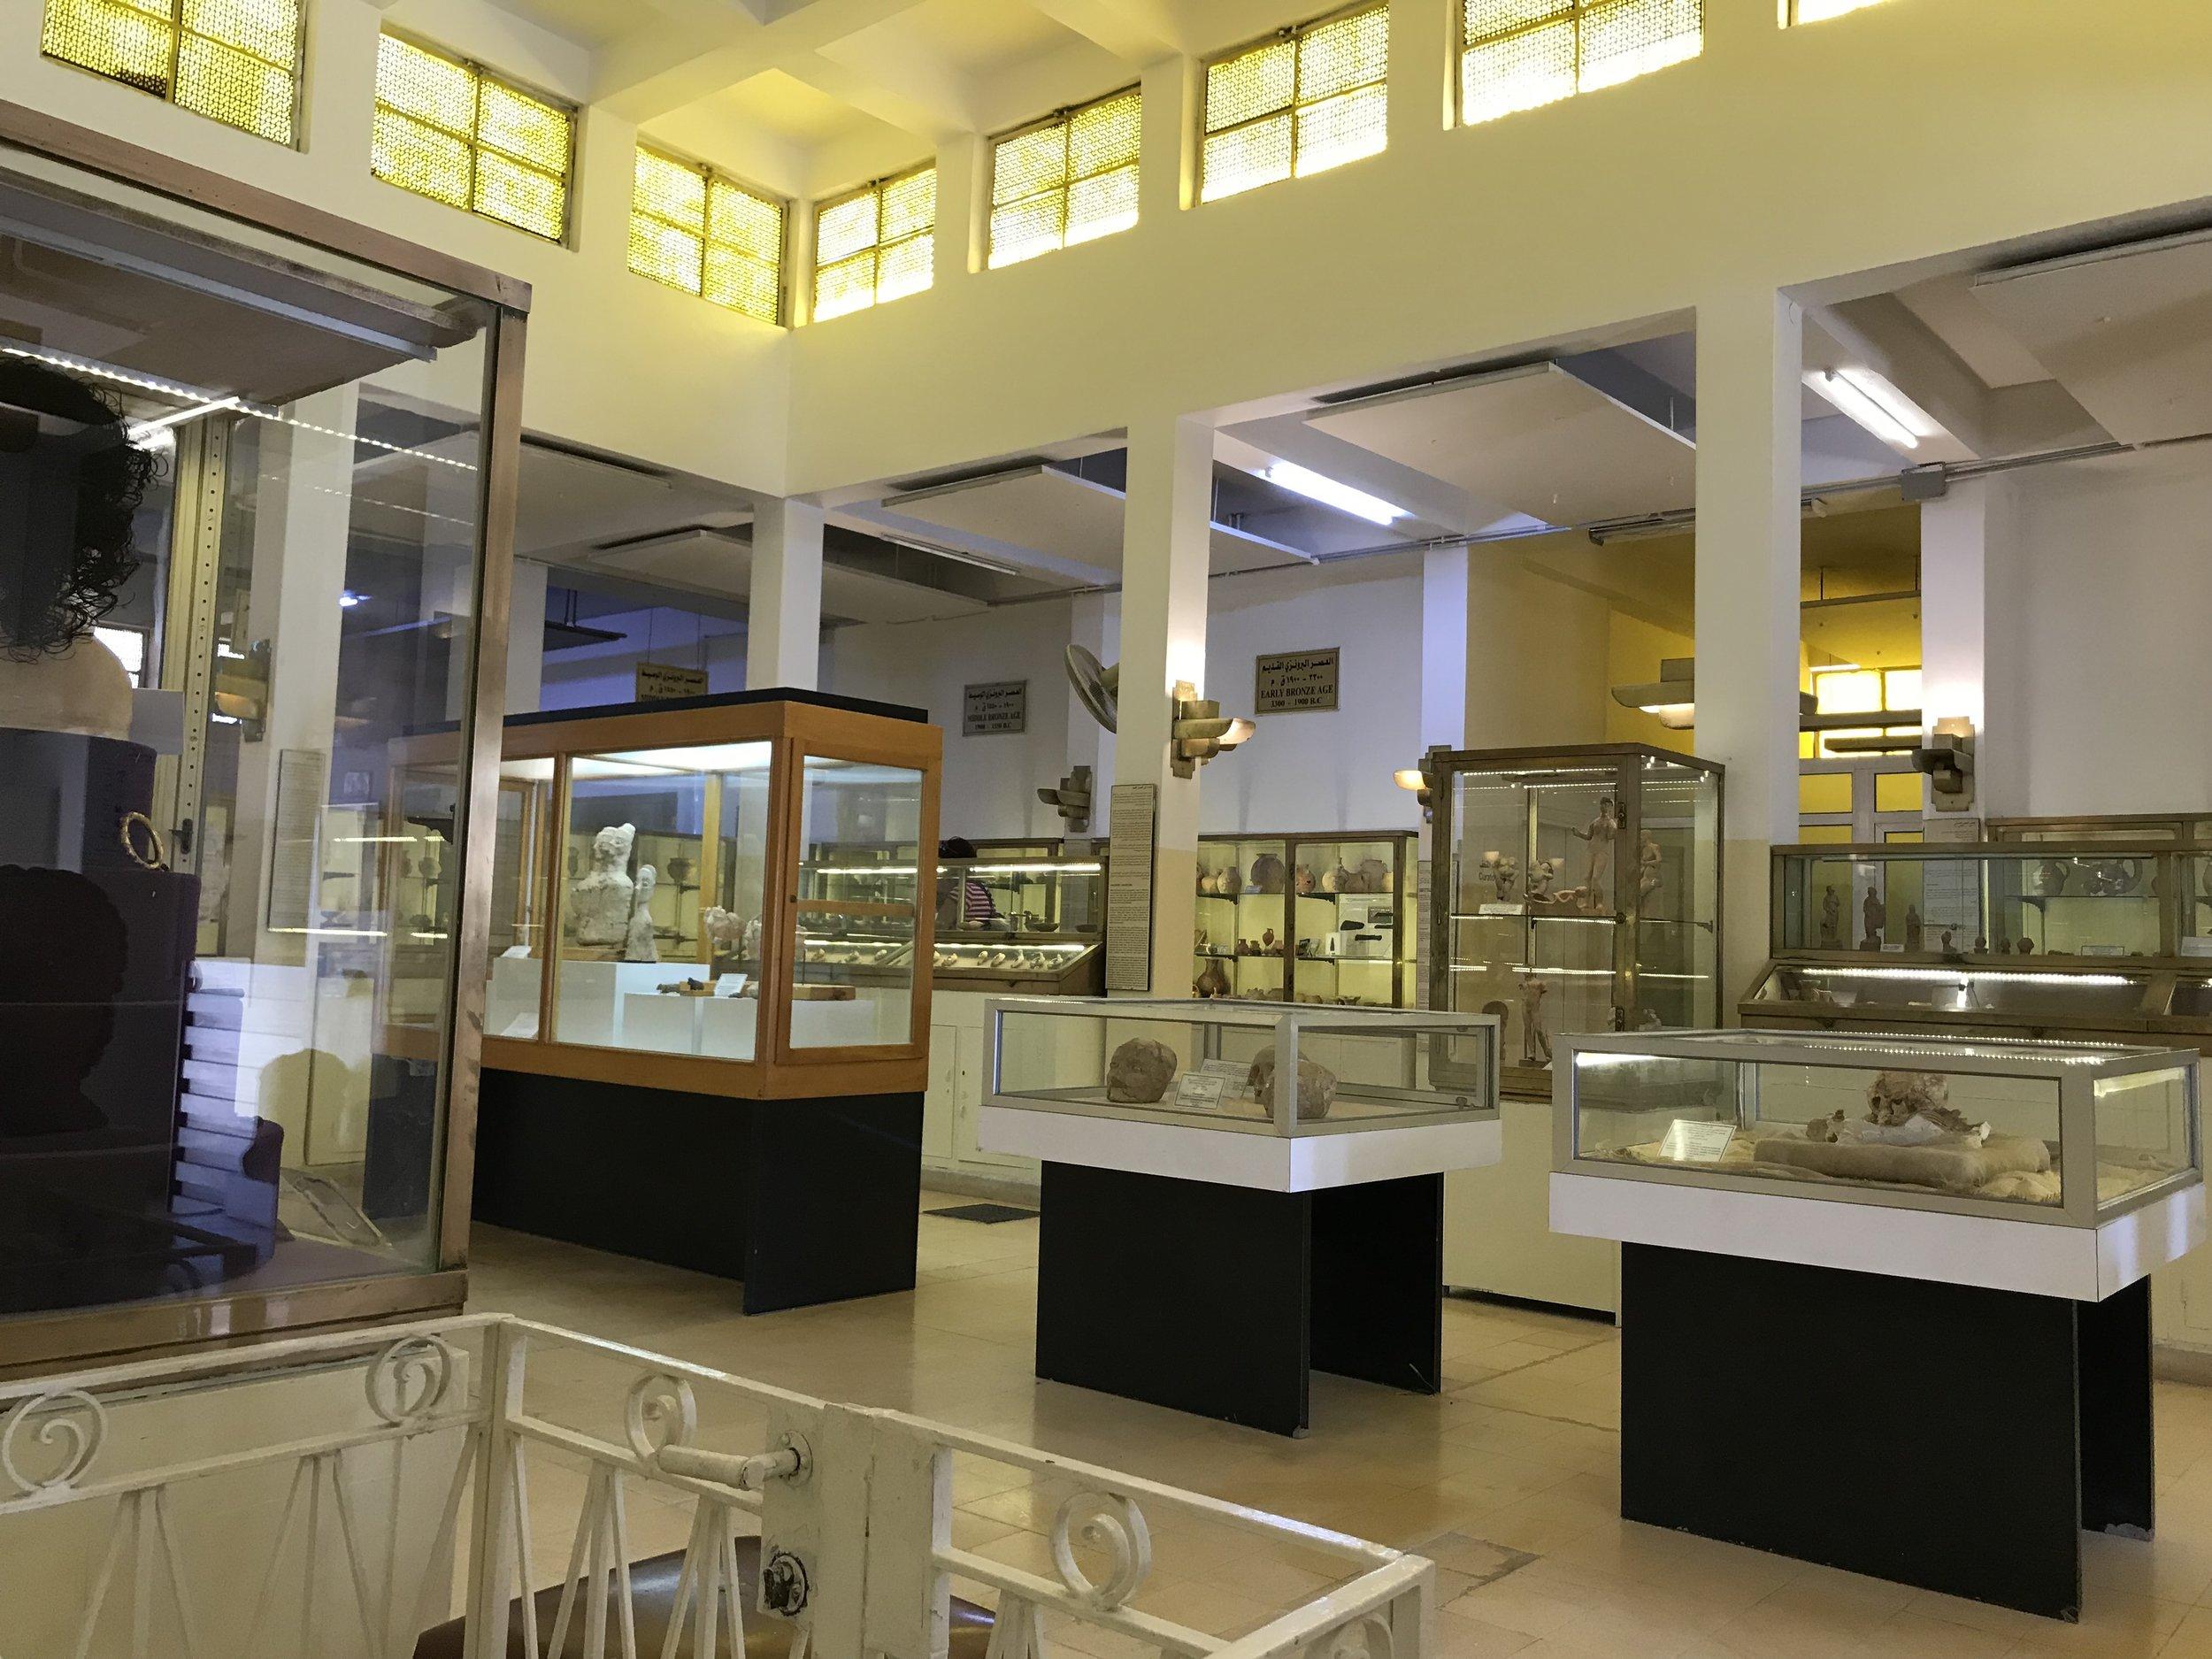 安曼城堡考古博物馆展厅。